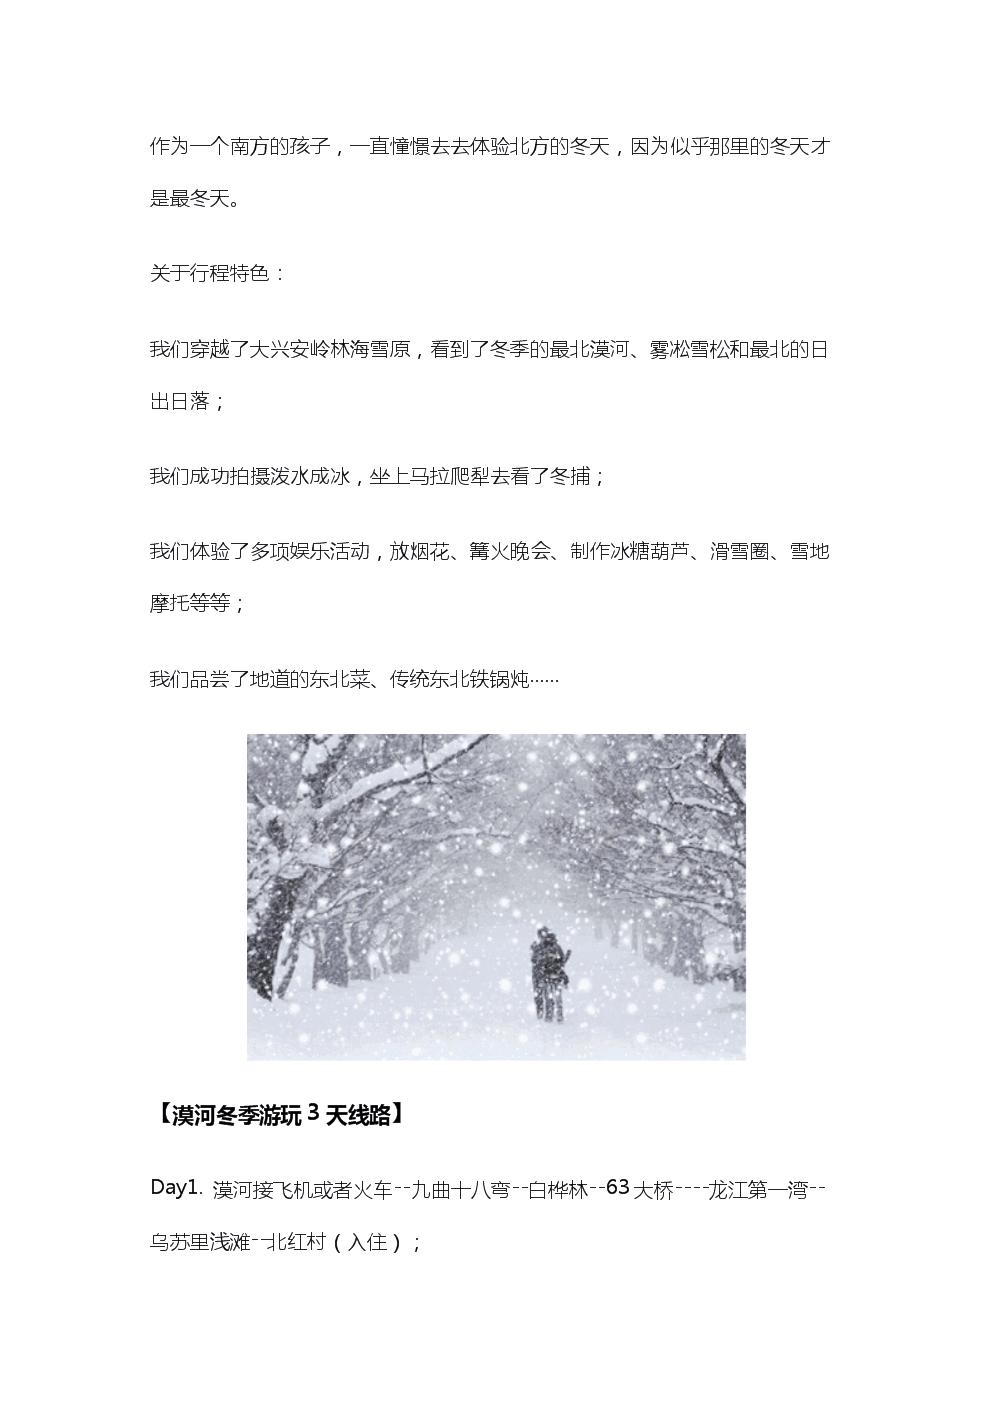 漠河旅游冰封极地,黑龙江漠河3日,追寻极光之旅.doc